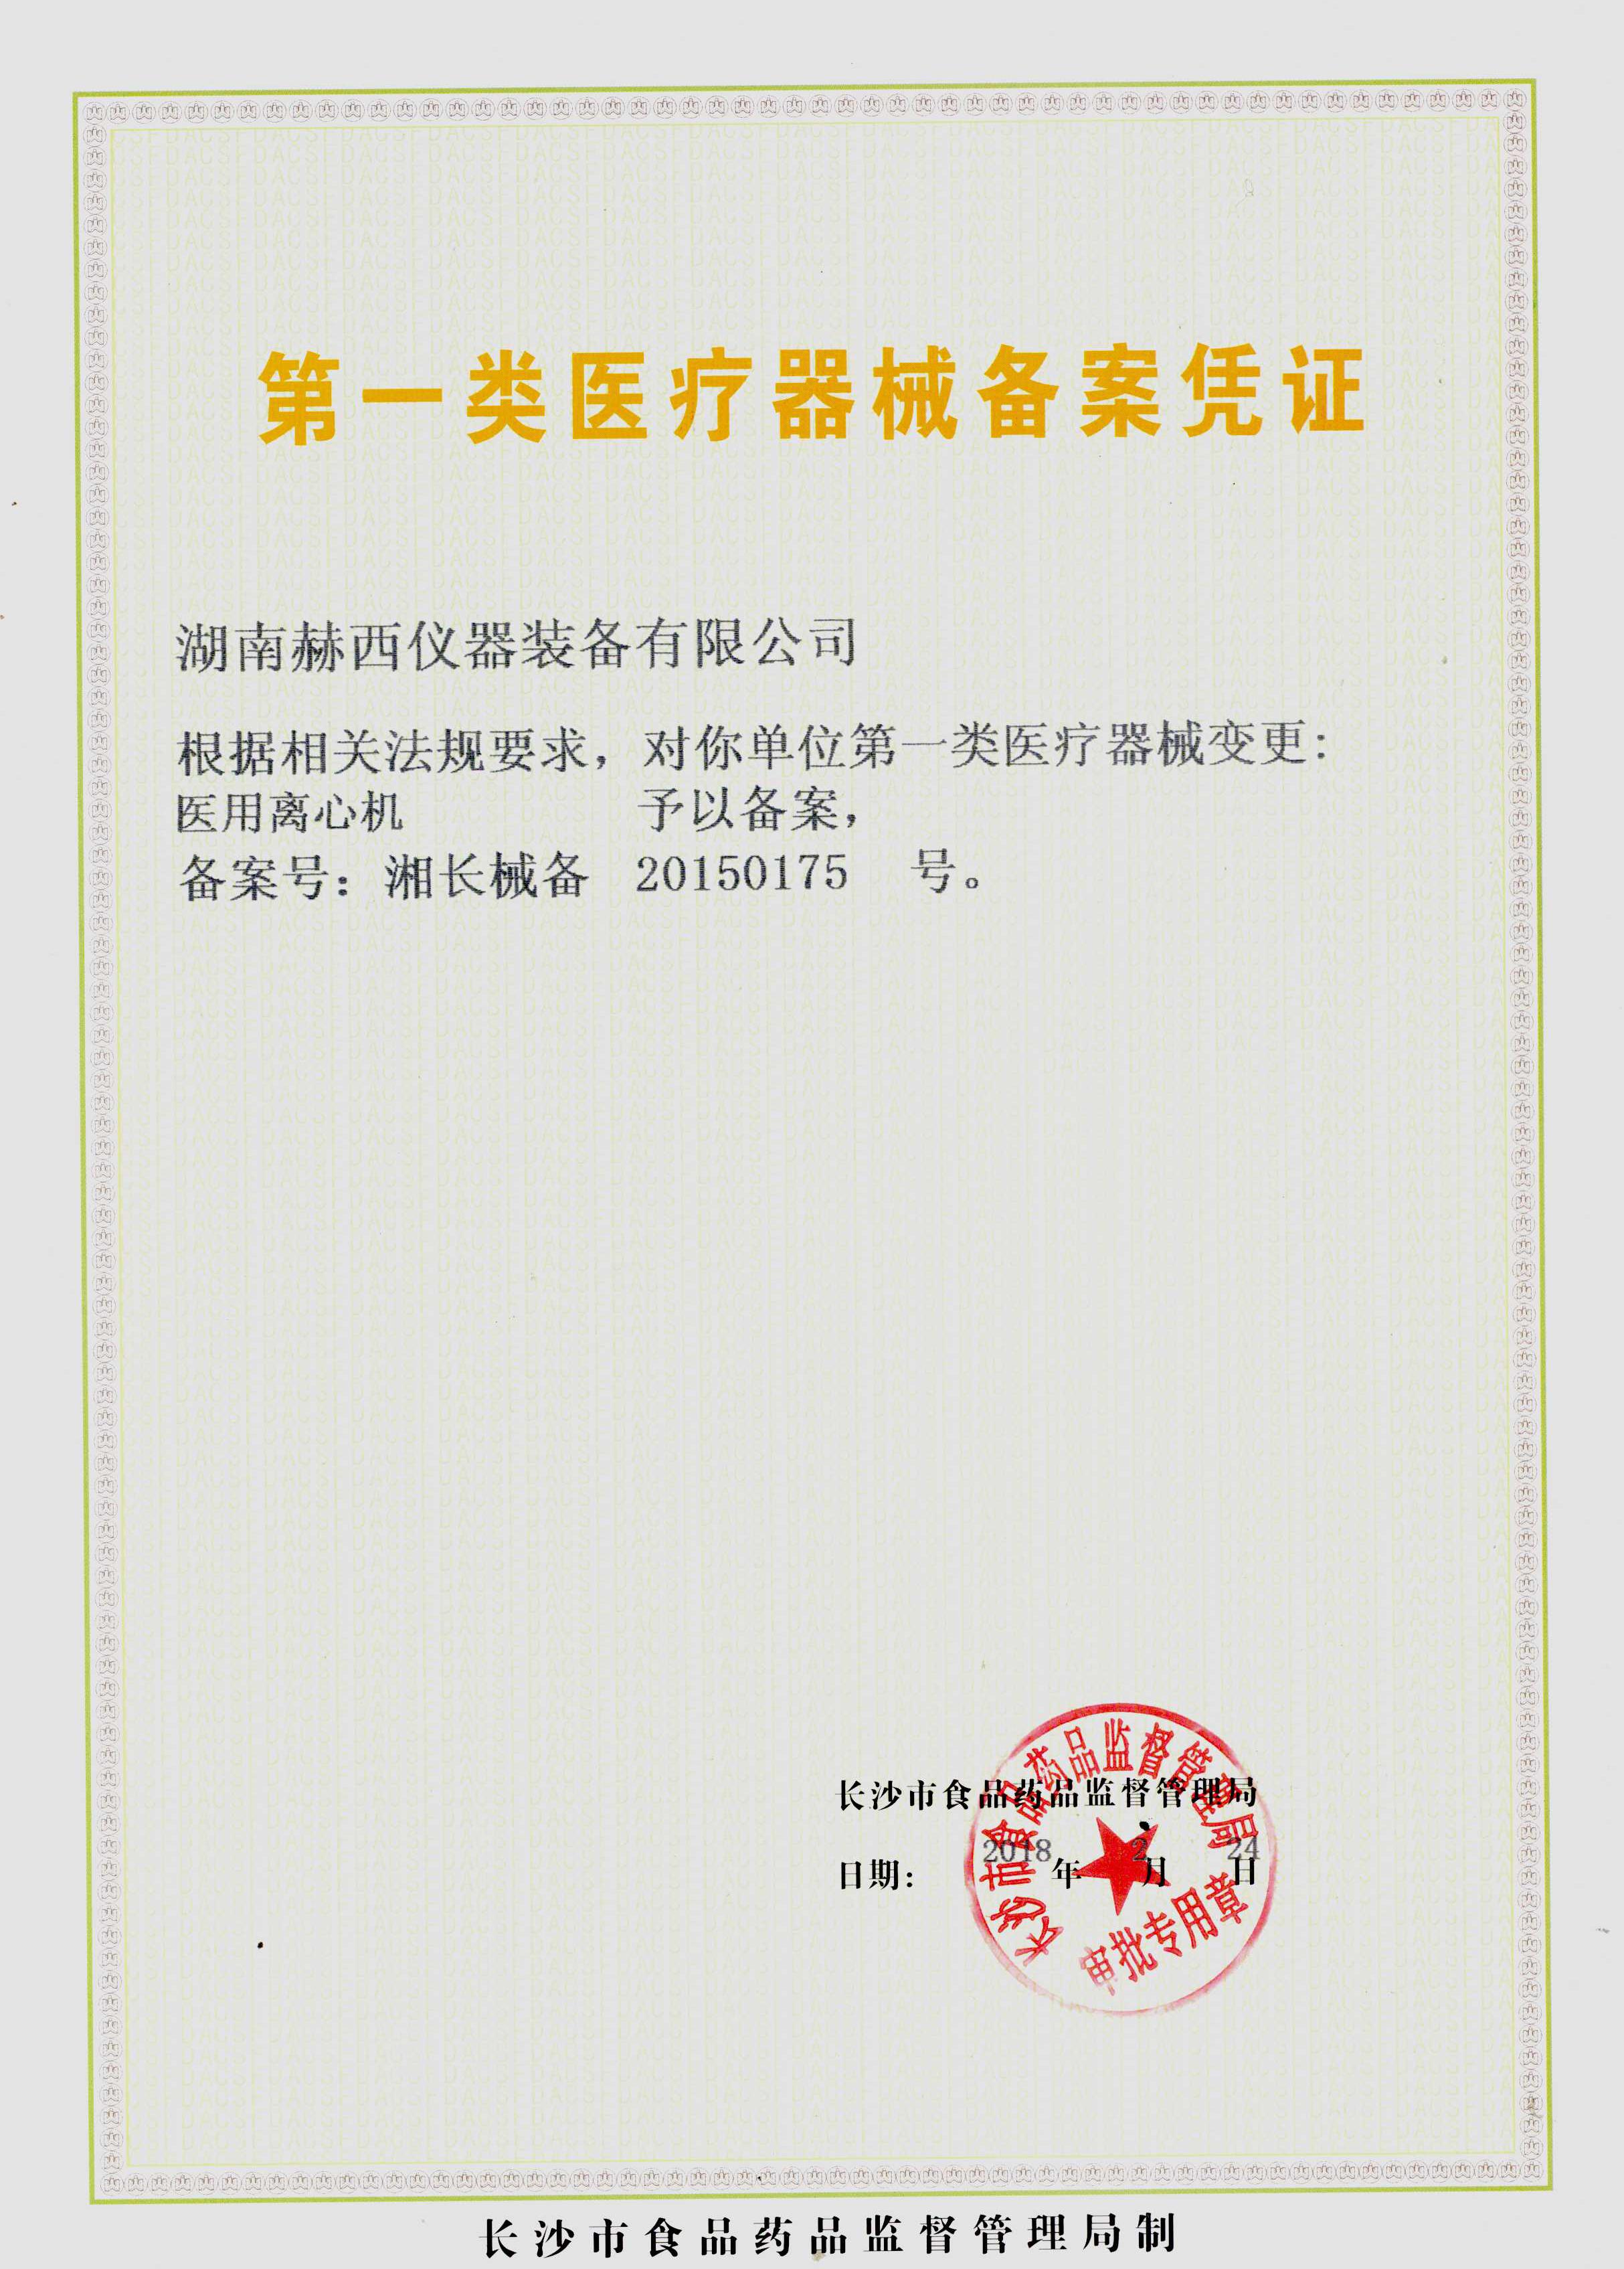 第一类医疗机械备案凭证